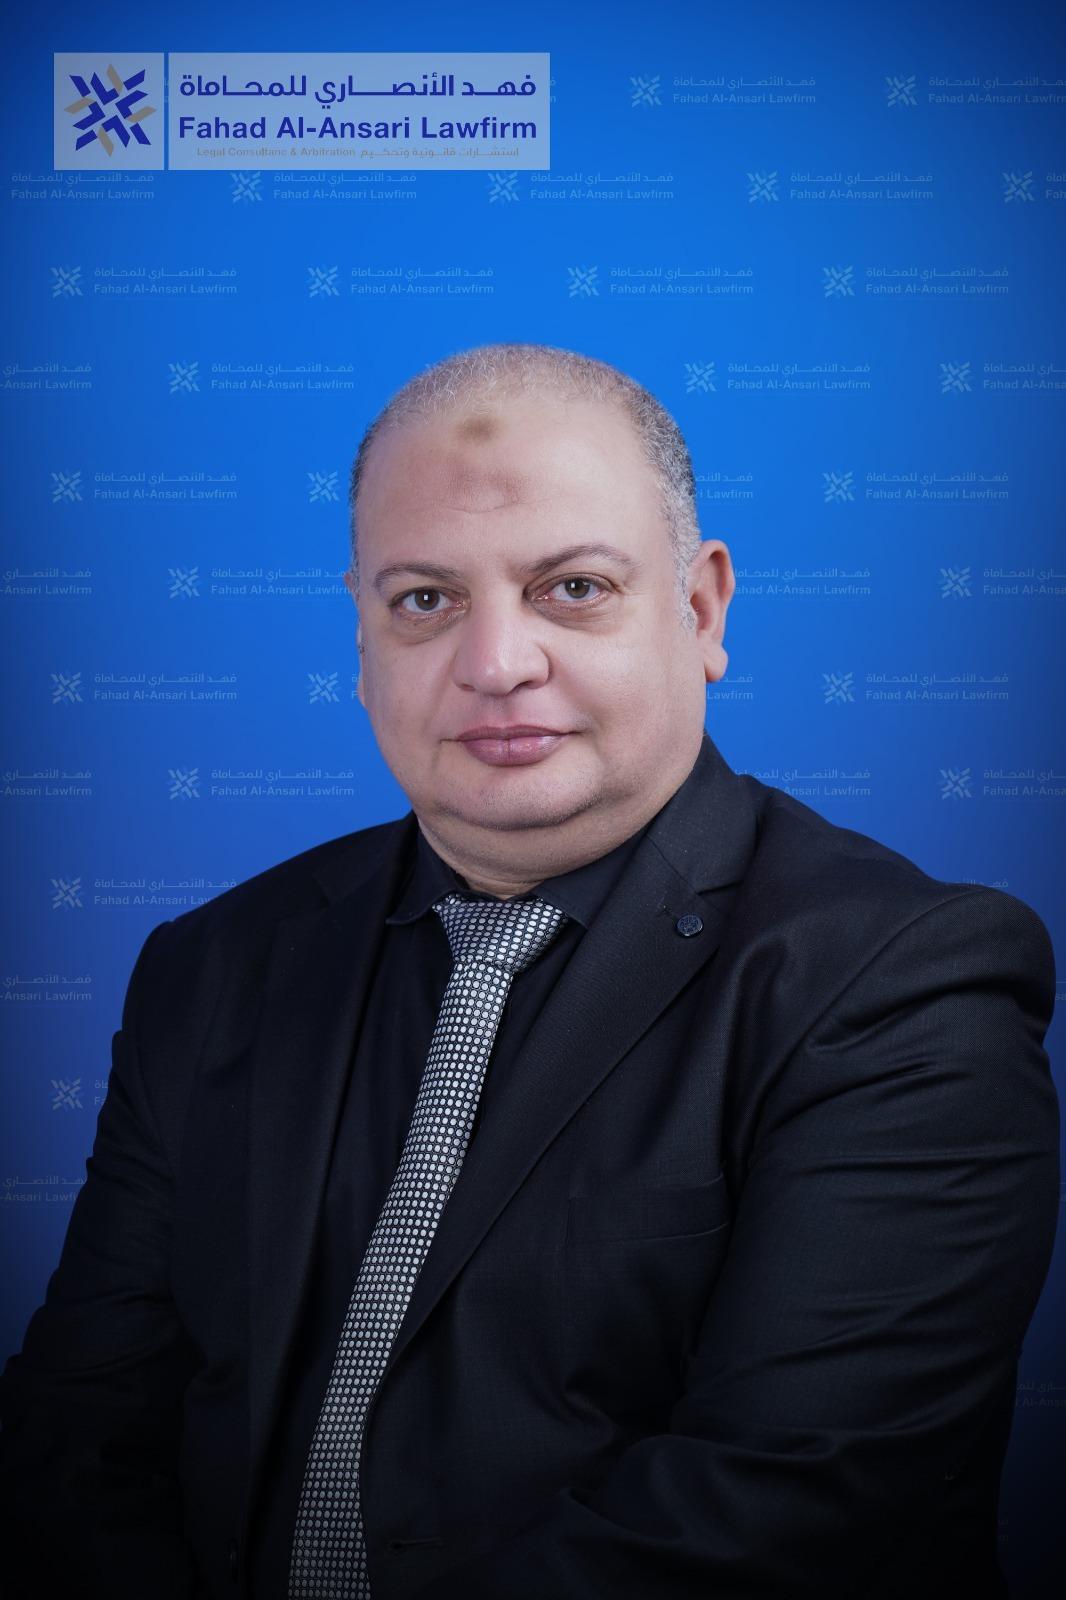 Mohamed Hosni Ibrahim